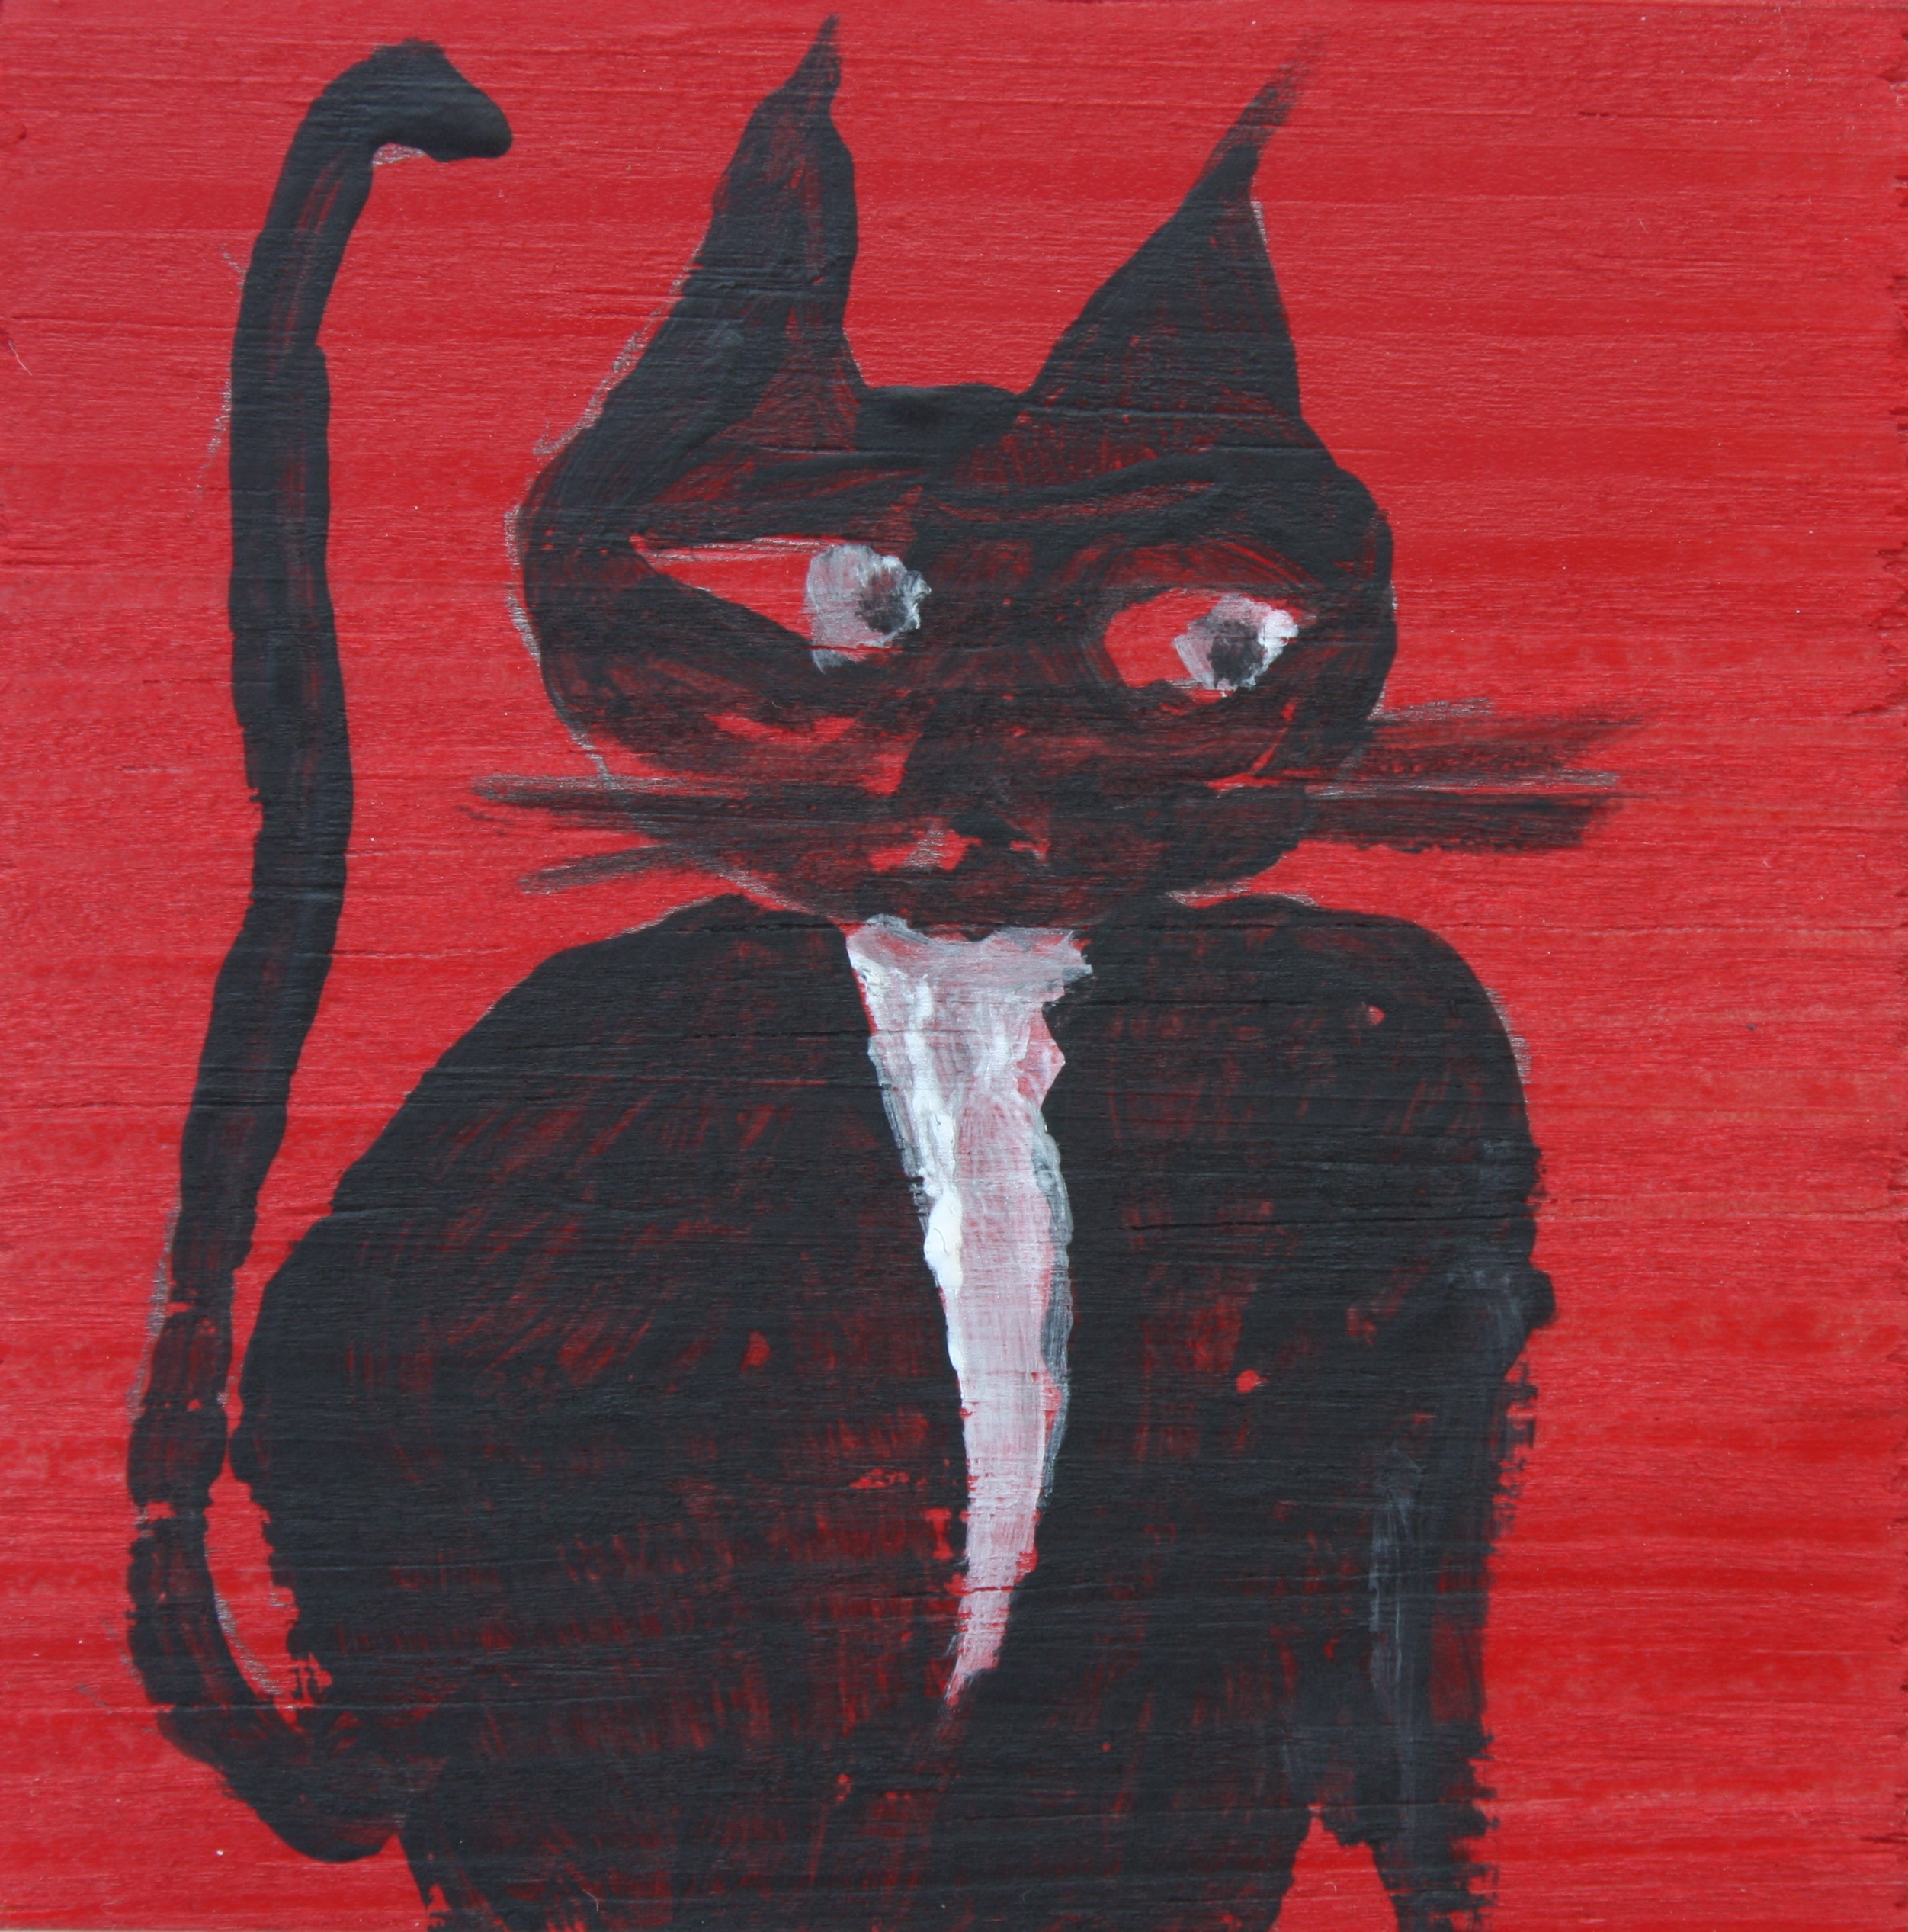 140713 - 1 Tom Cat